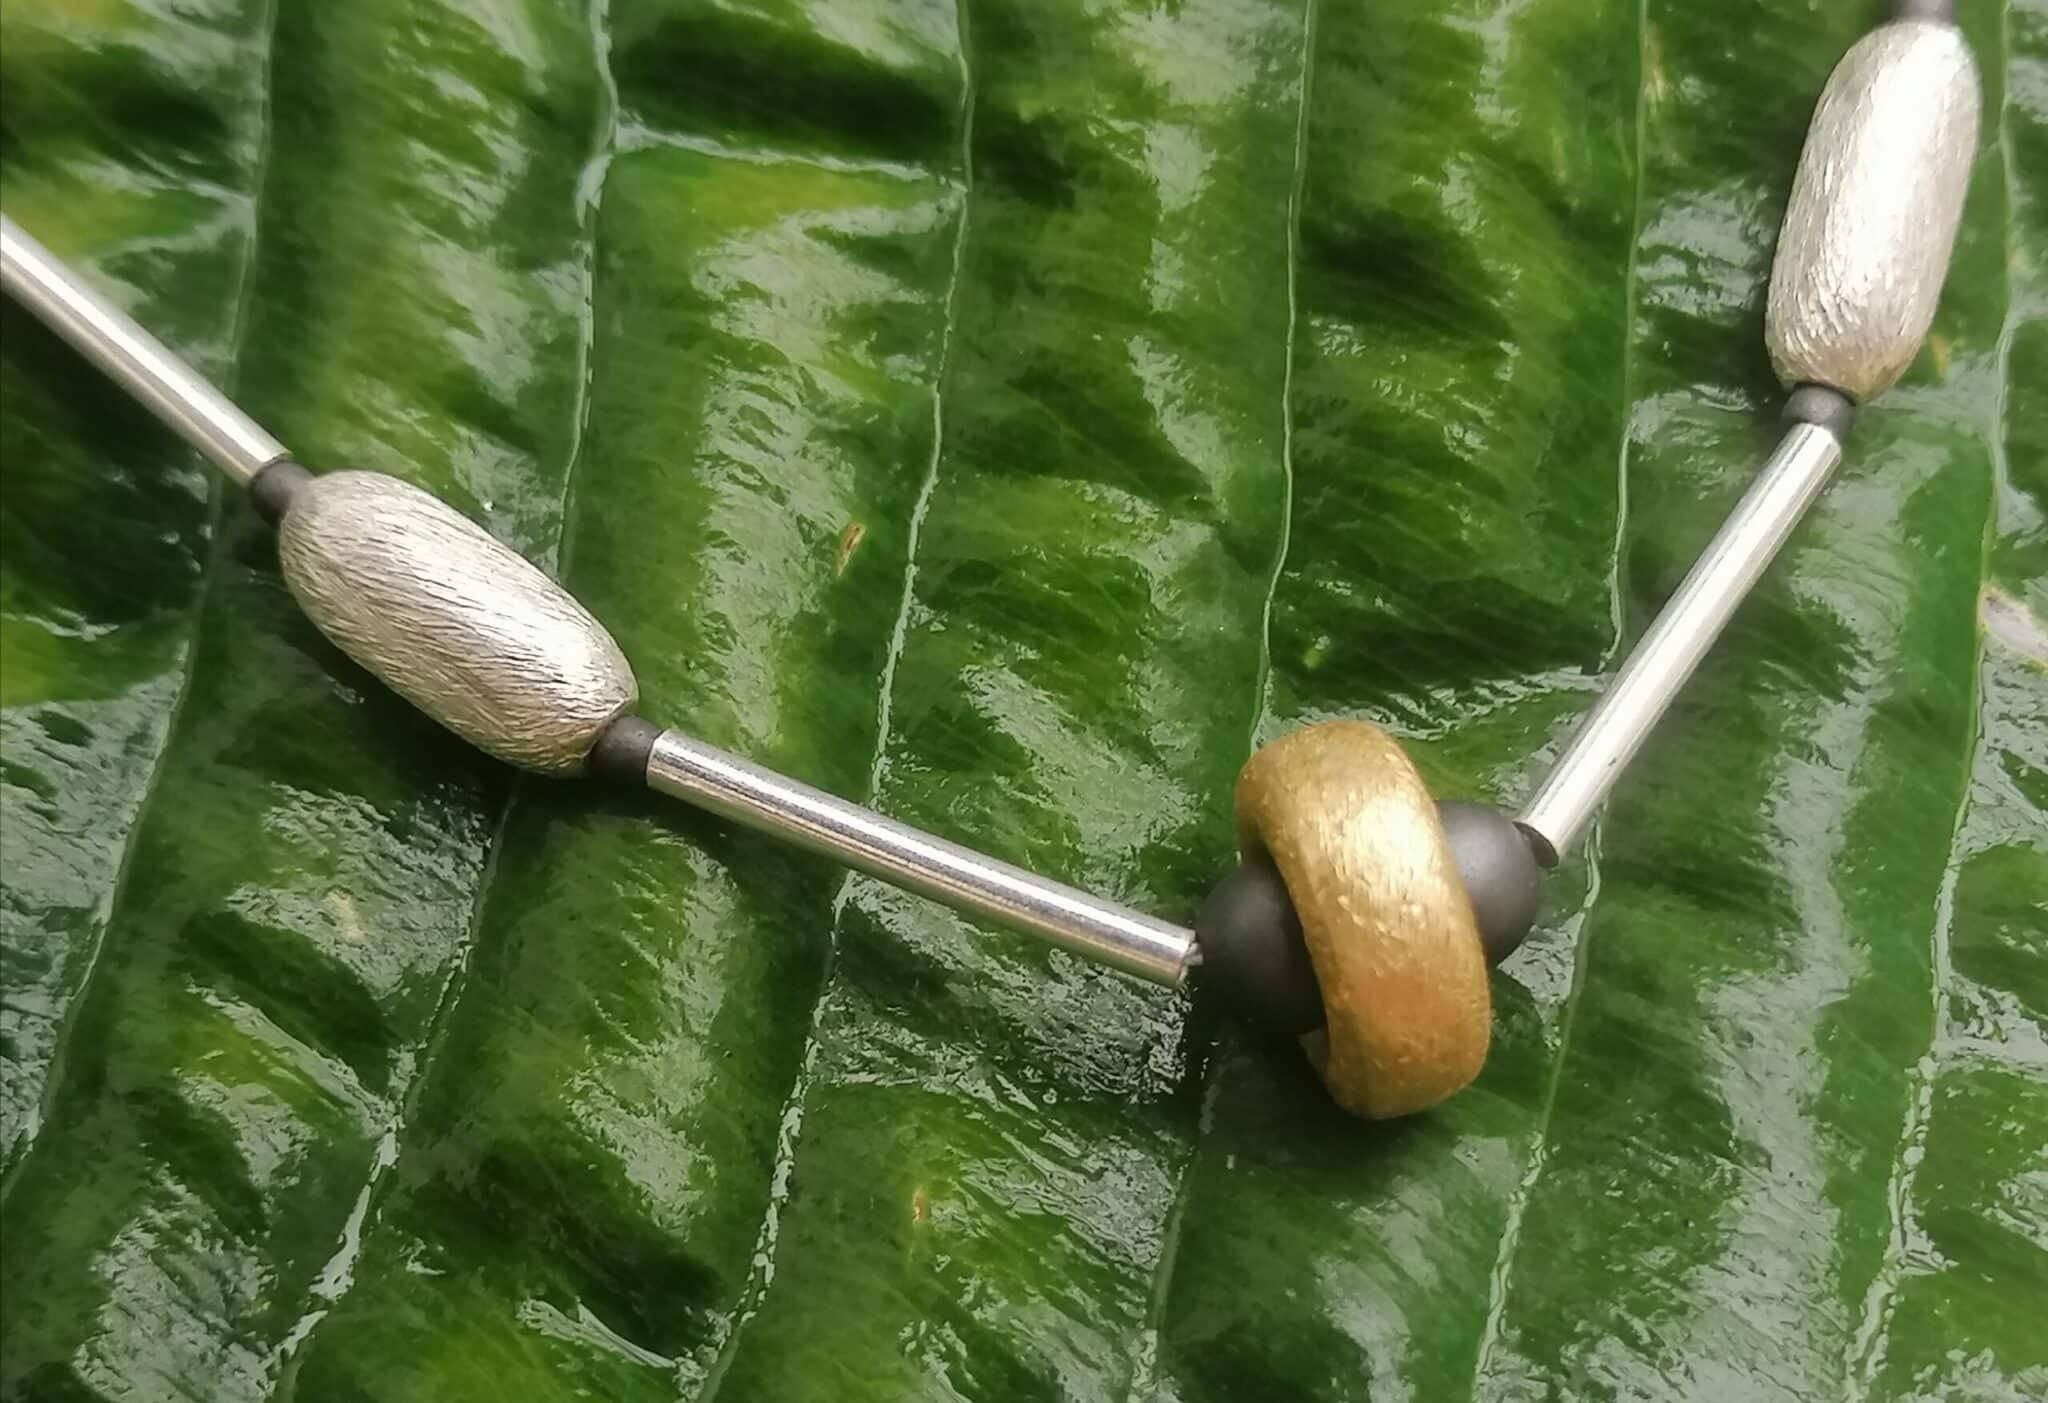 Unikat Kette Silber 925 Stäbchen tlw vergoldet  eismattiert bzw granuliert Hämatit Kugeln matt 43,5 cm